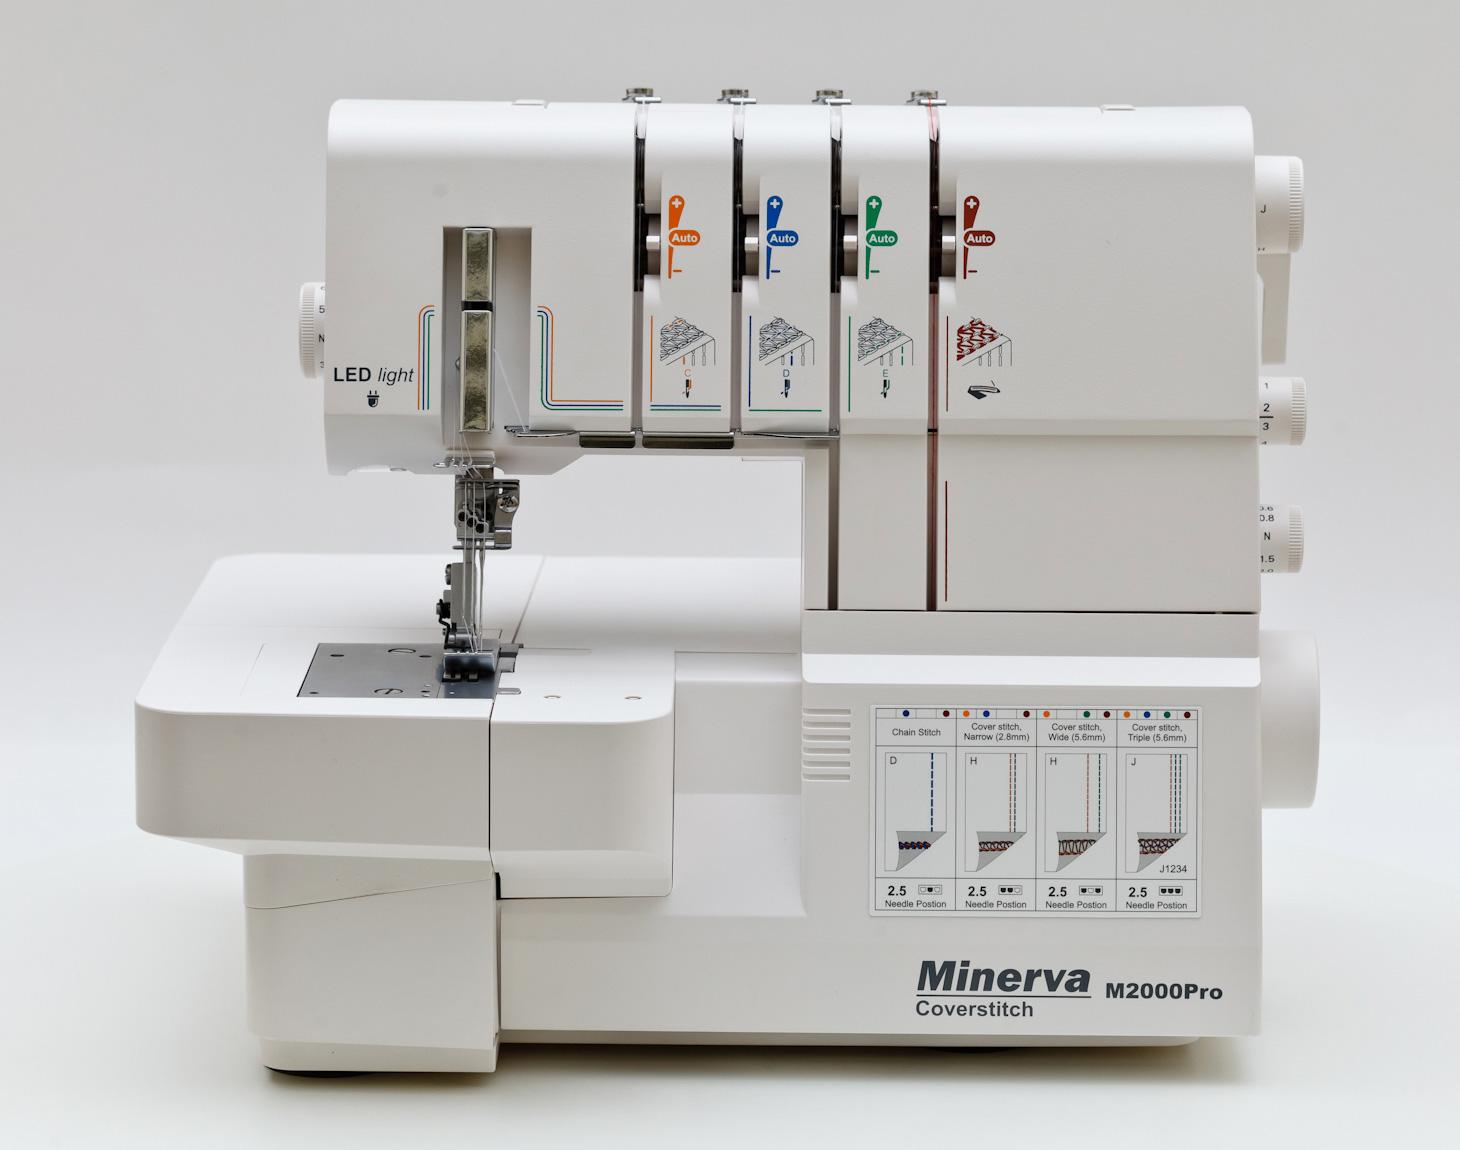 Minerva CS M2000Pro